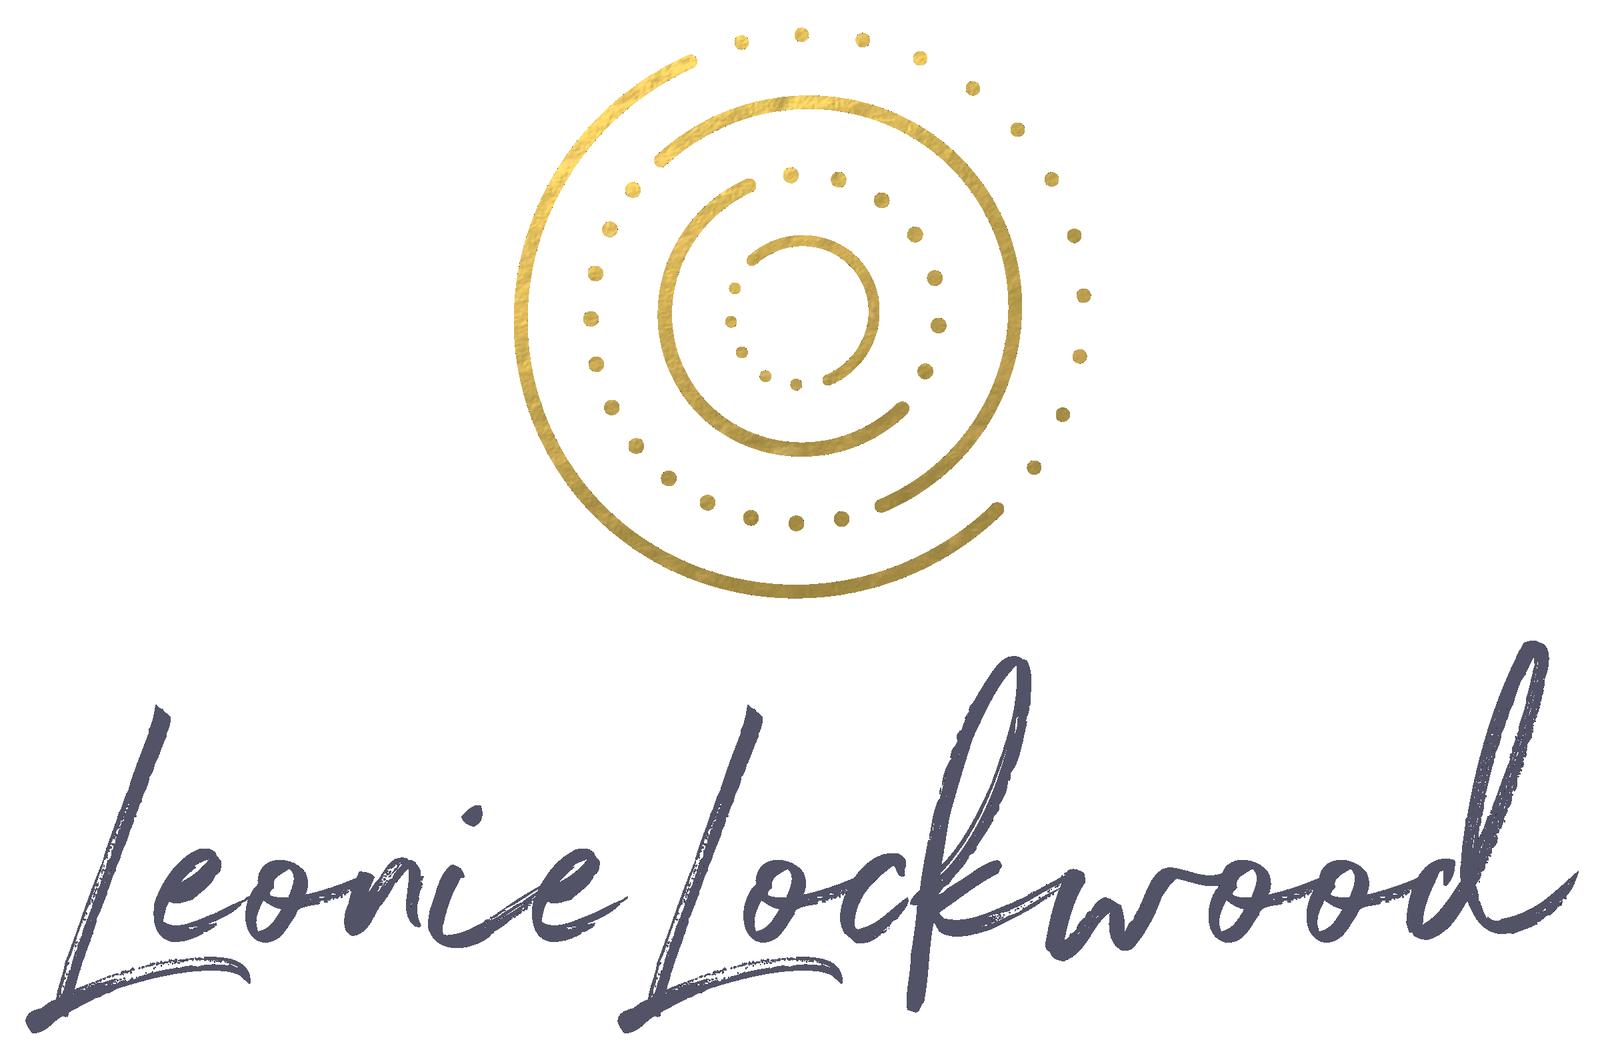 Leonie Lockwood